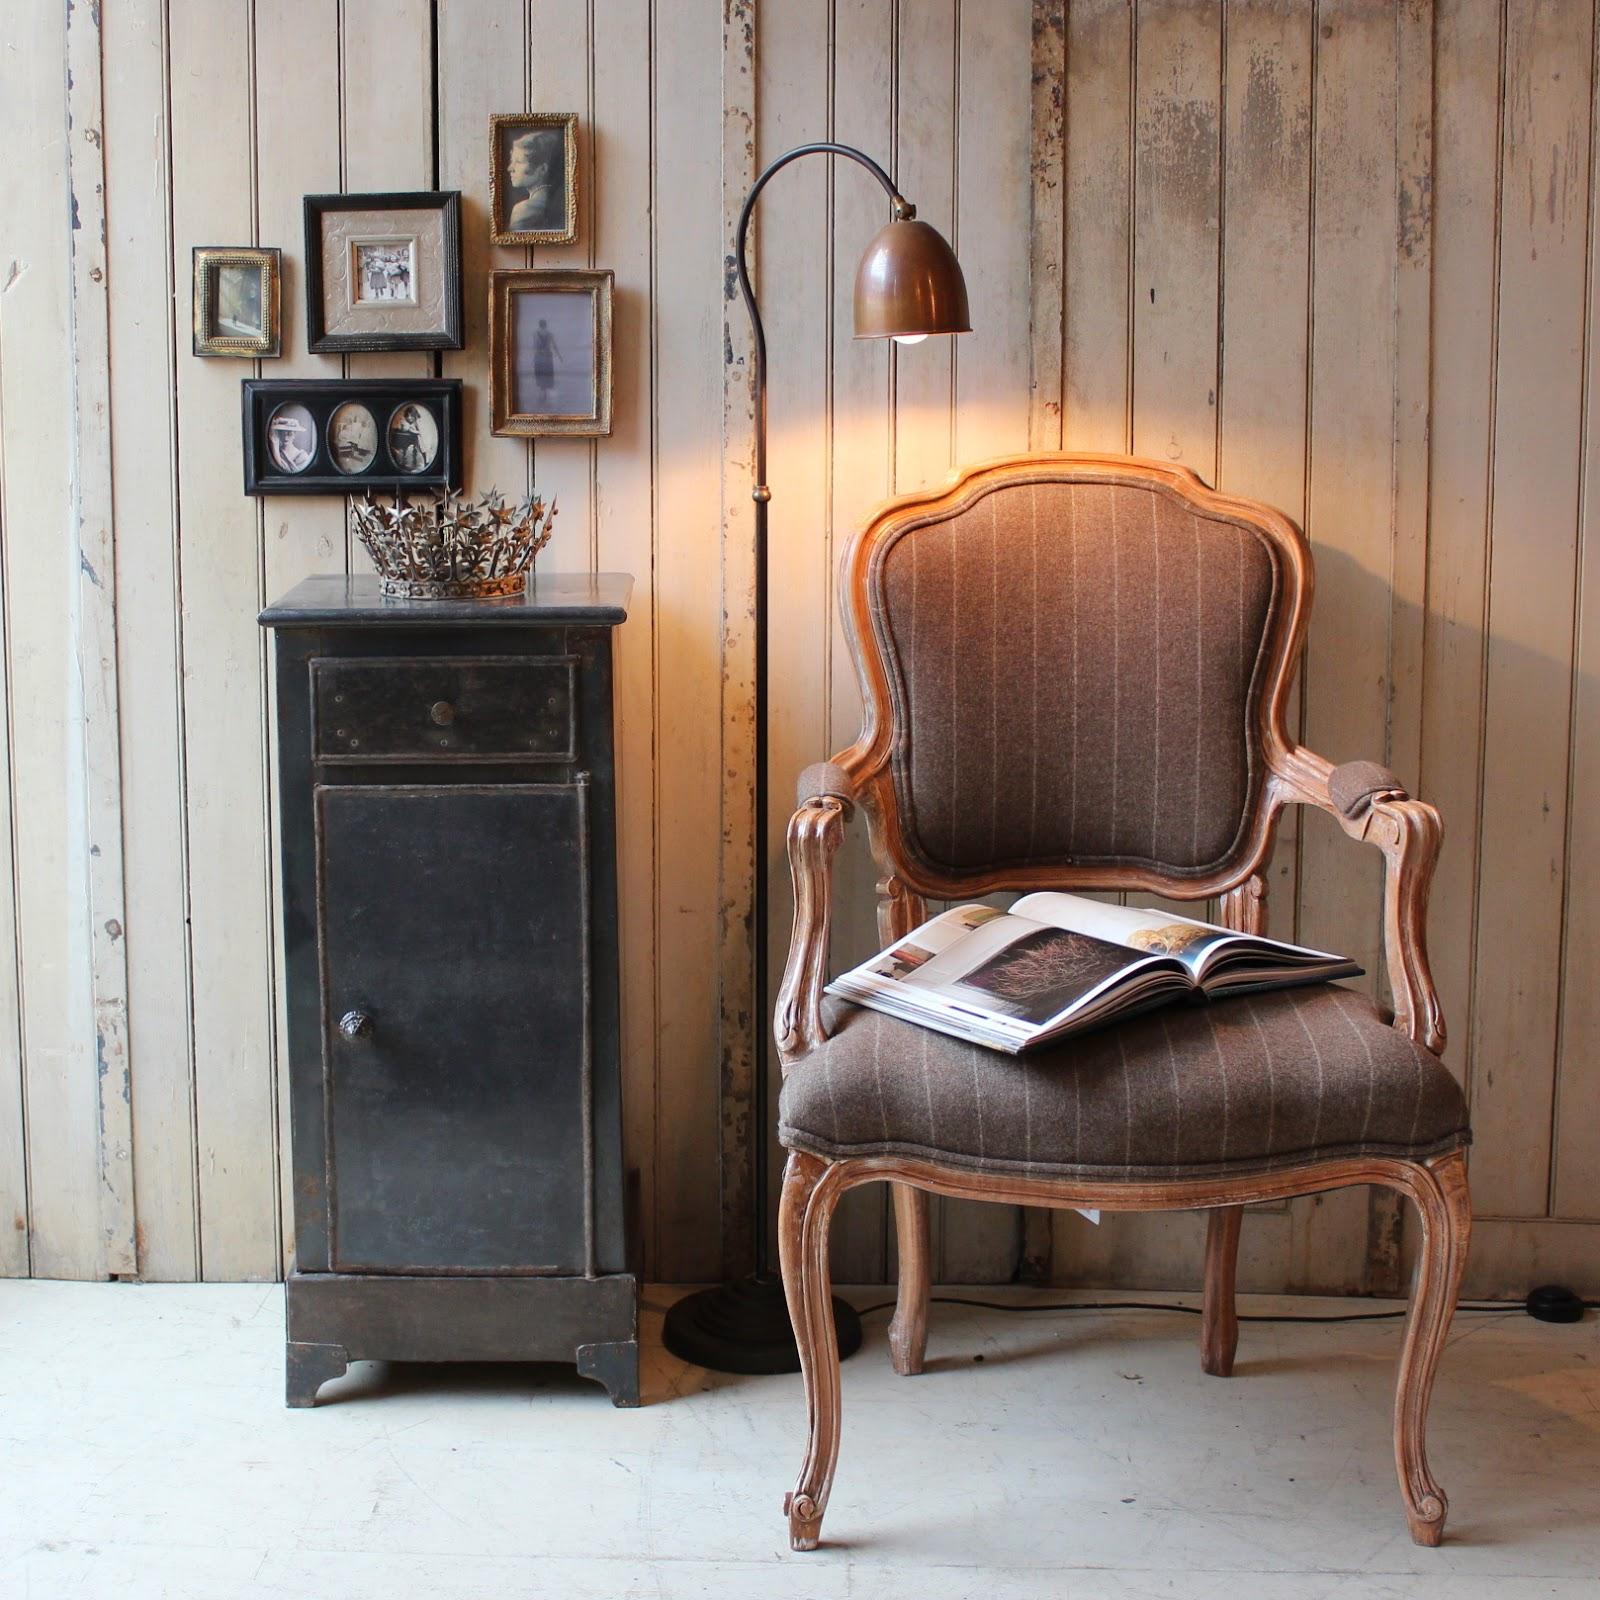 White hat architecture tendencias creativas en muebles for Muebles vintage